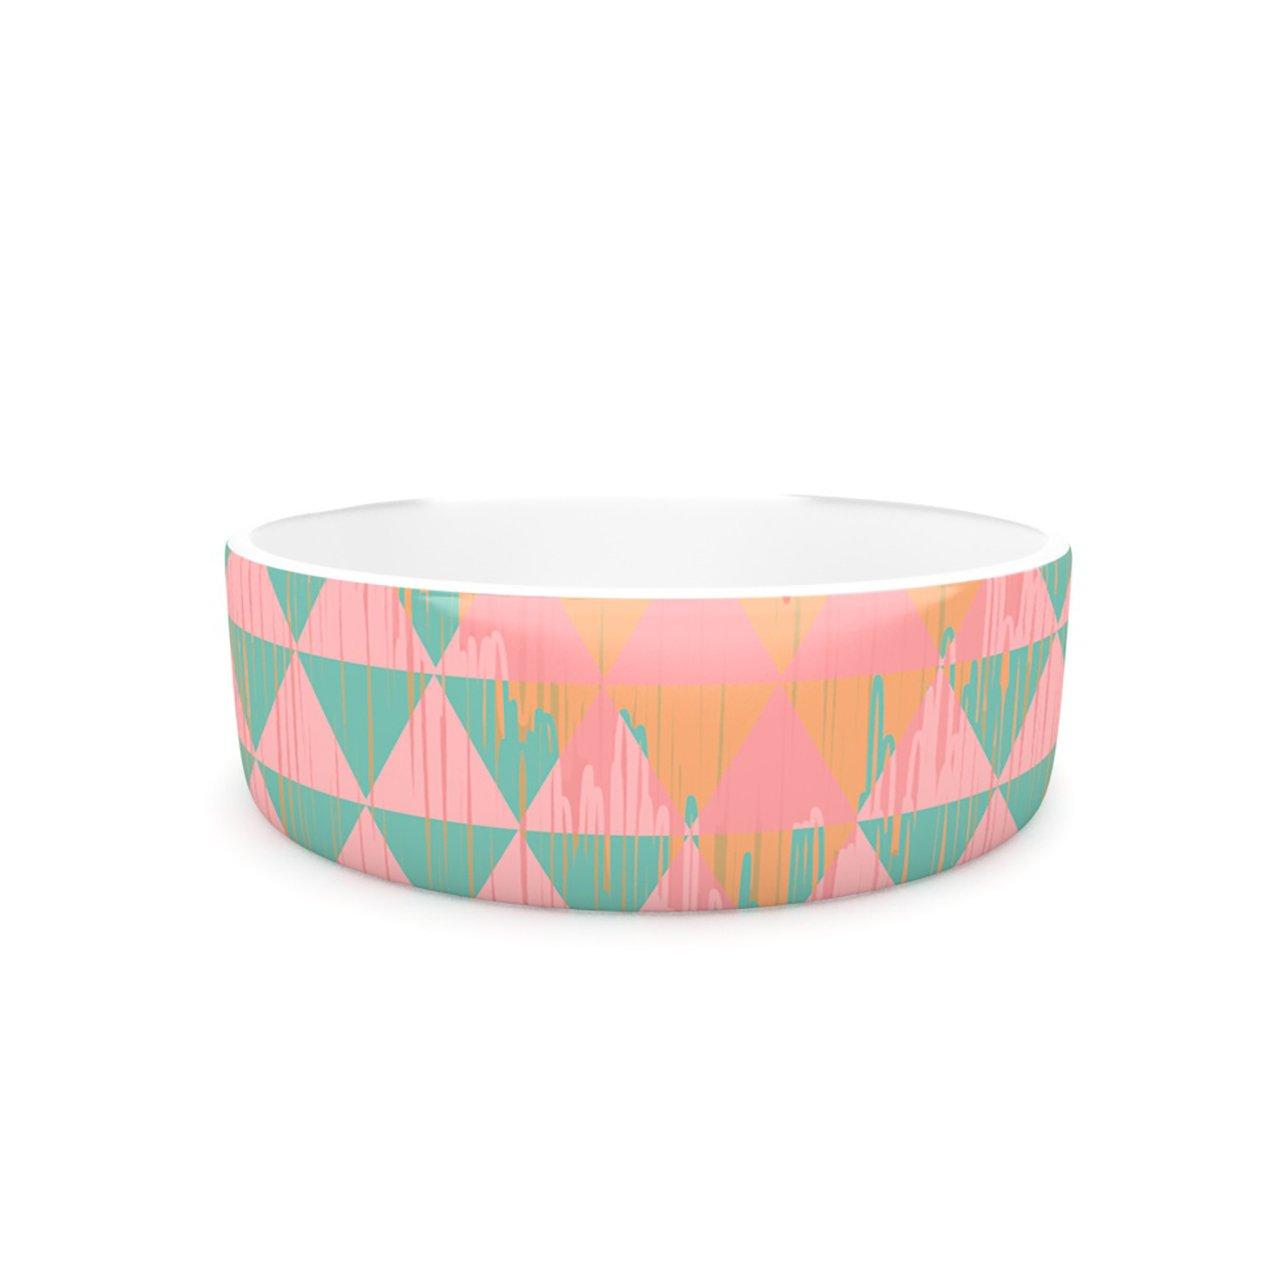 Kess InHouse Nika Martinez Ikat Geometrie II  Pet Bowl, 7-Inch, Green Pink